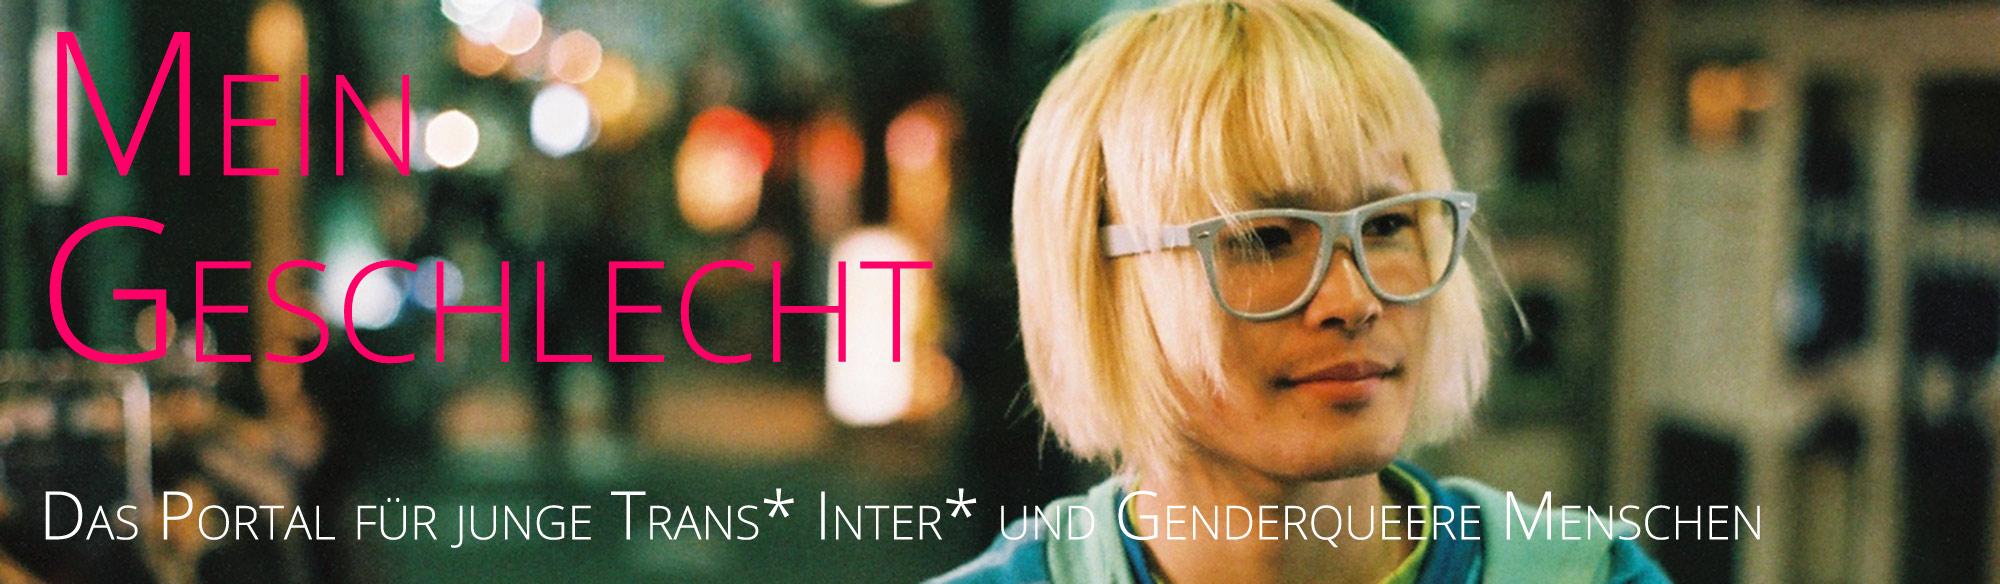 Wir begrüßen MEIN GESCHLECHT, das erste Portal für Inter*, Trans* und genderqueere Jugendliche